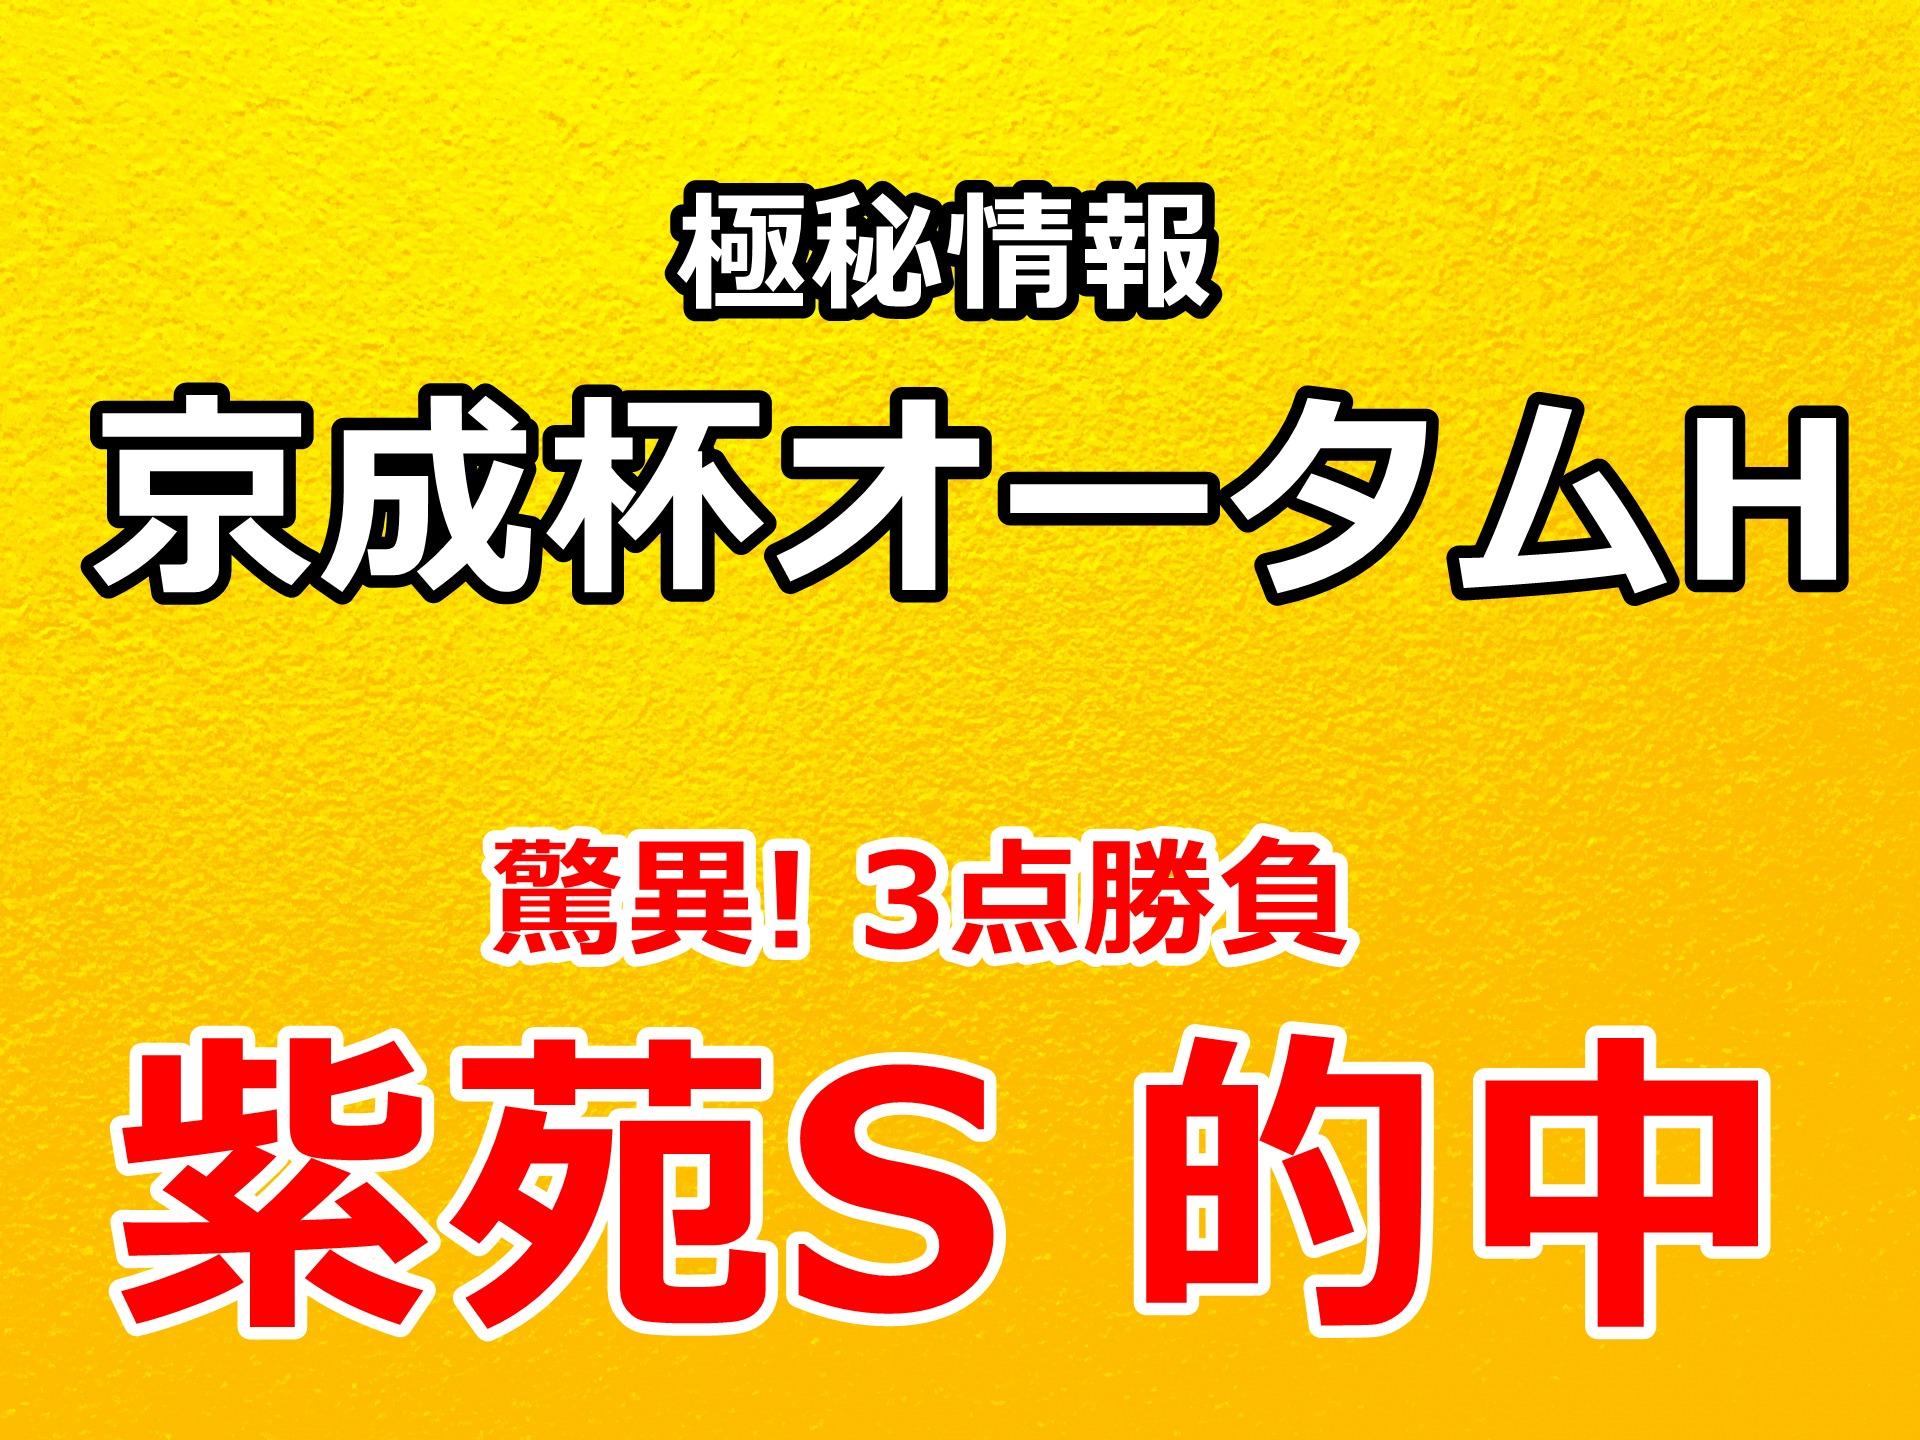 京成杯オータムハンデ2020 予想 勝負できる3頭【驚異! 年間回収率 192%】